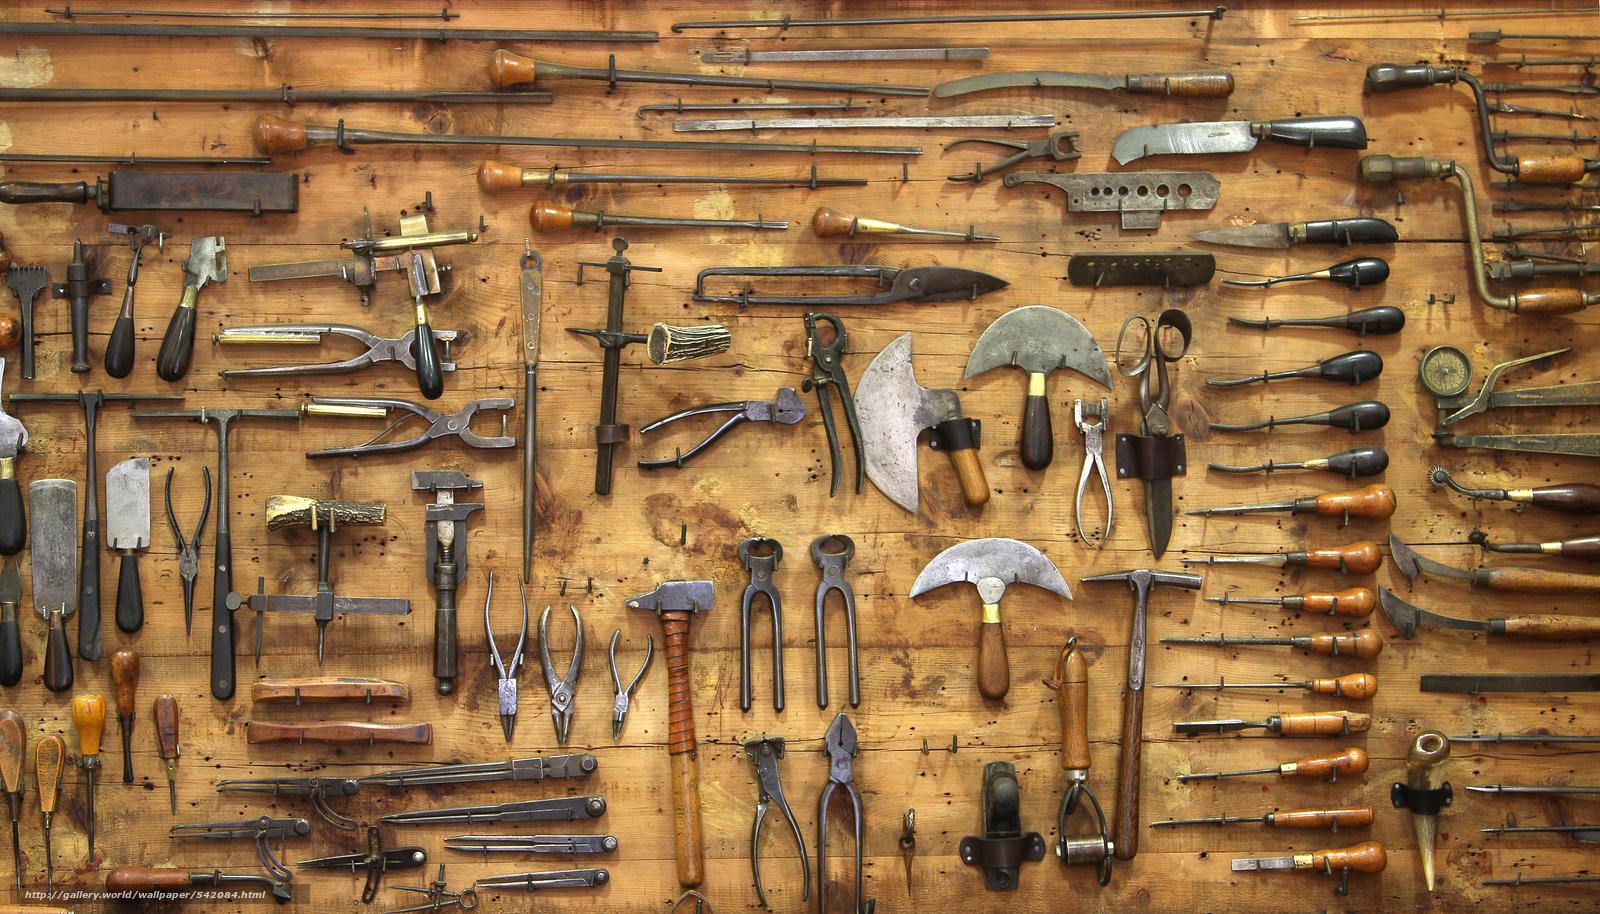 Antique Wallpaper Tools - WallpaperSafari